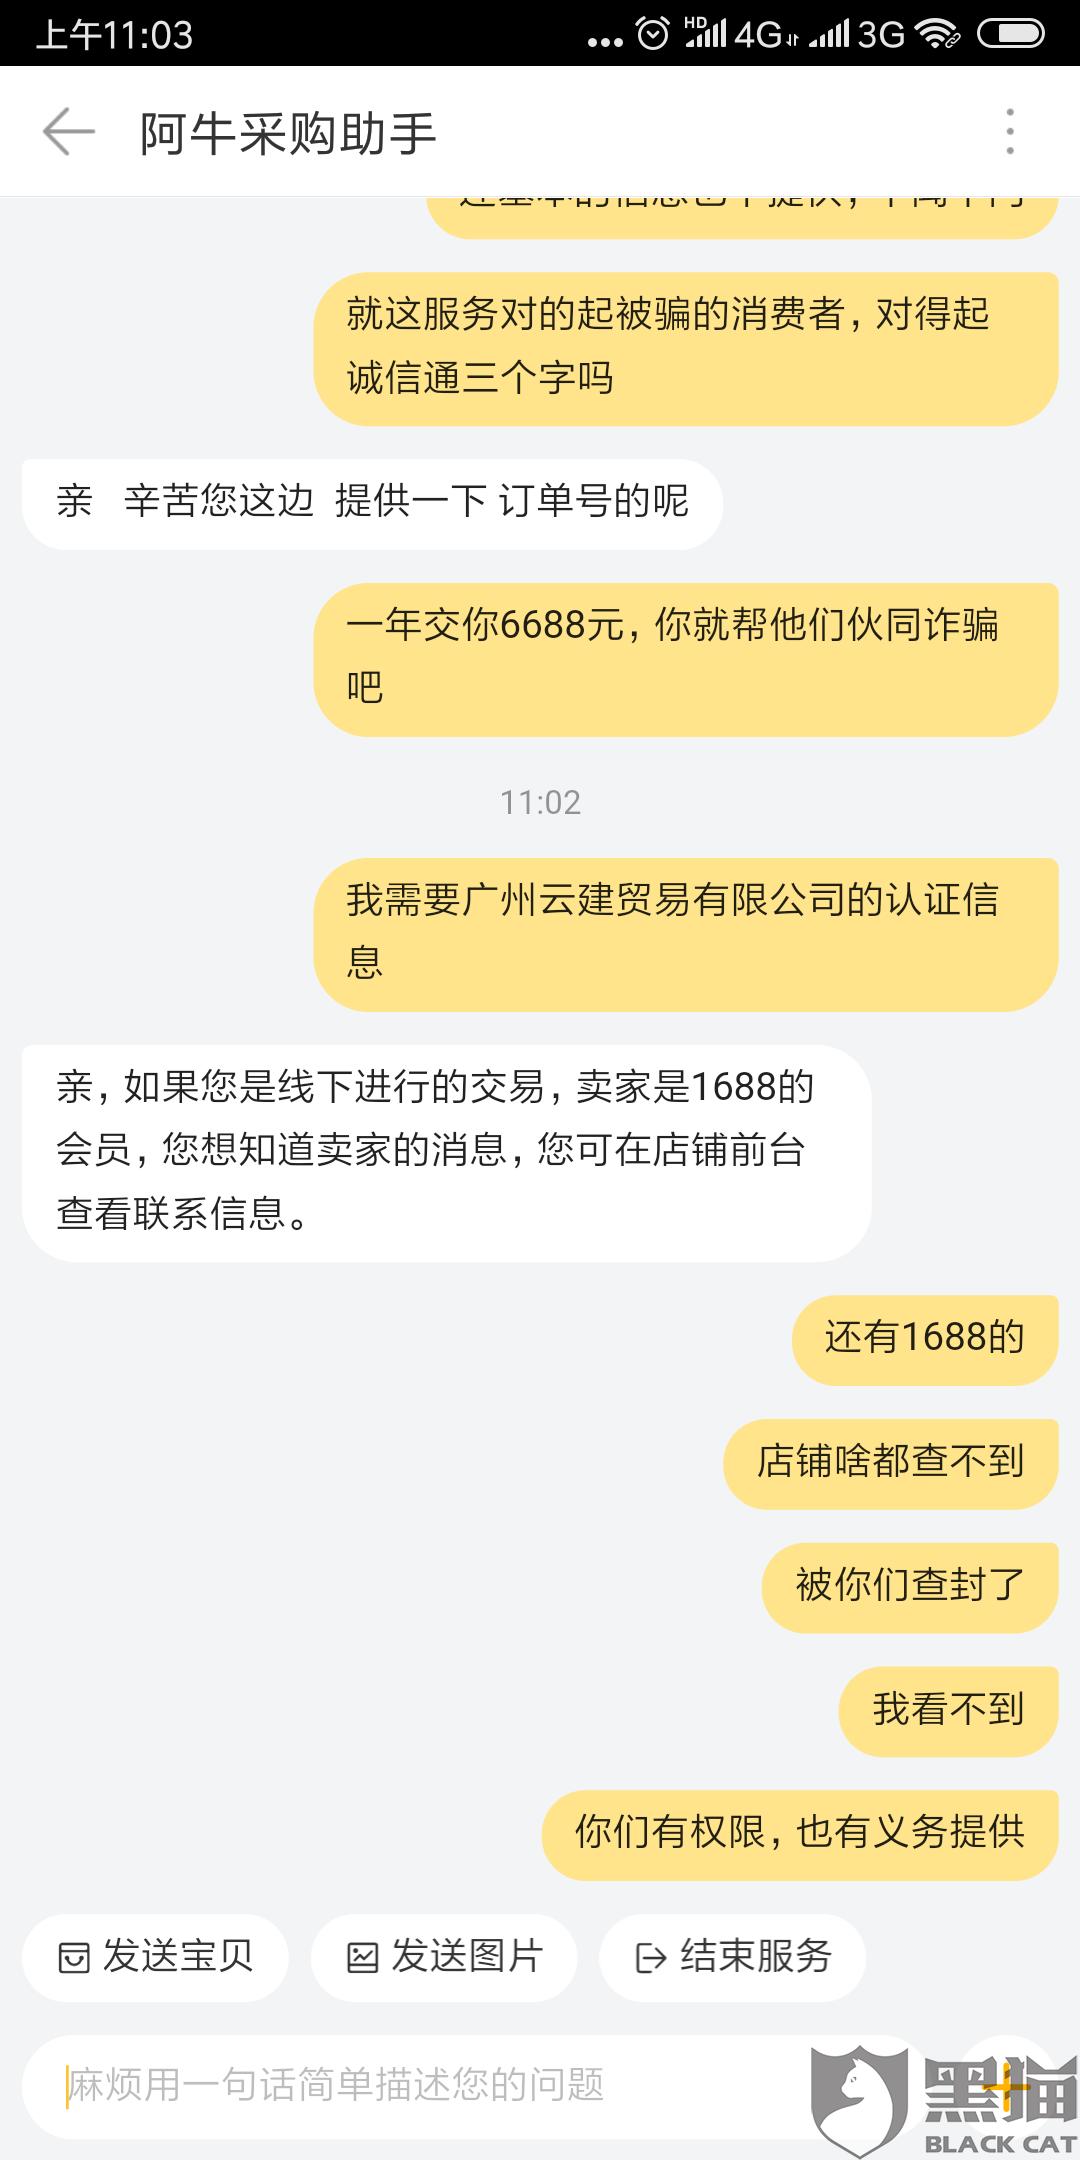 黑猫投诉:阿里巴巴不处理诚信通企业广州云建贸易有限公司